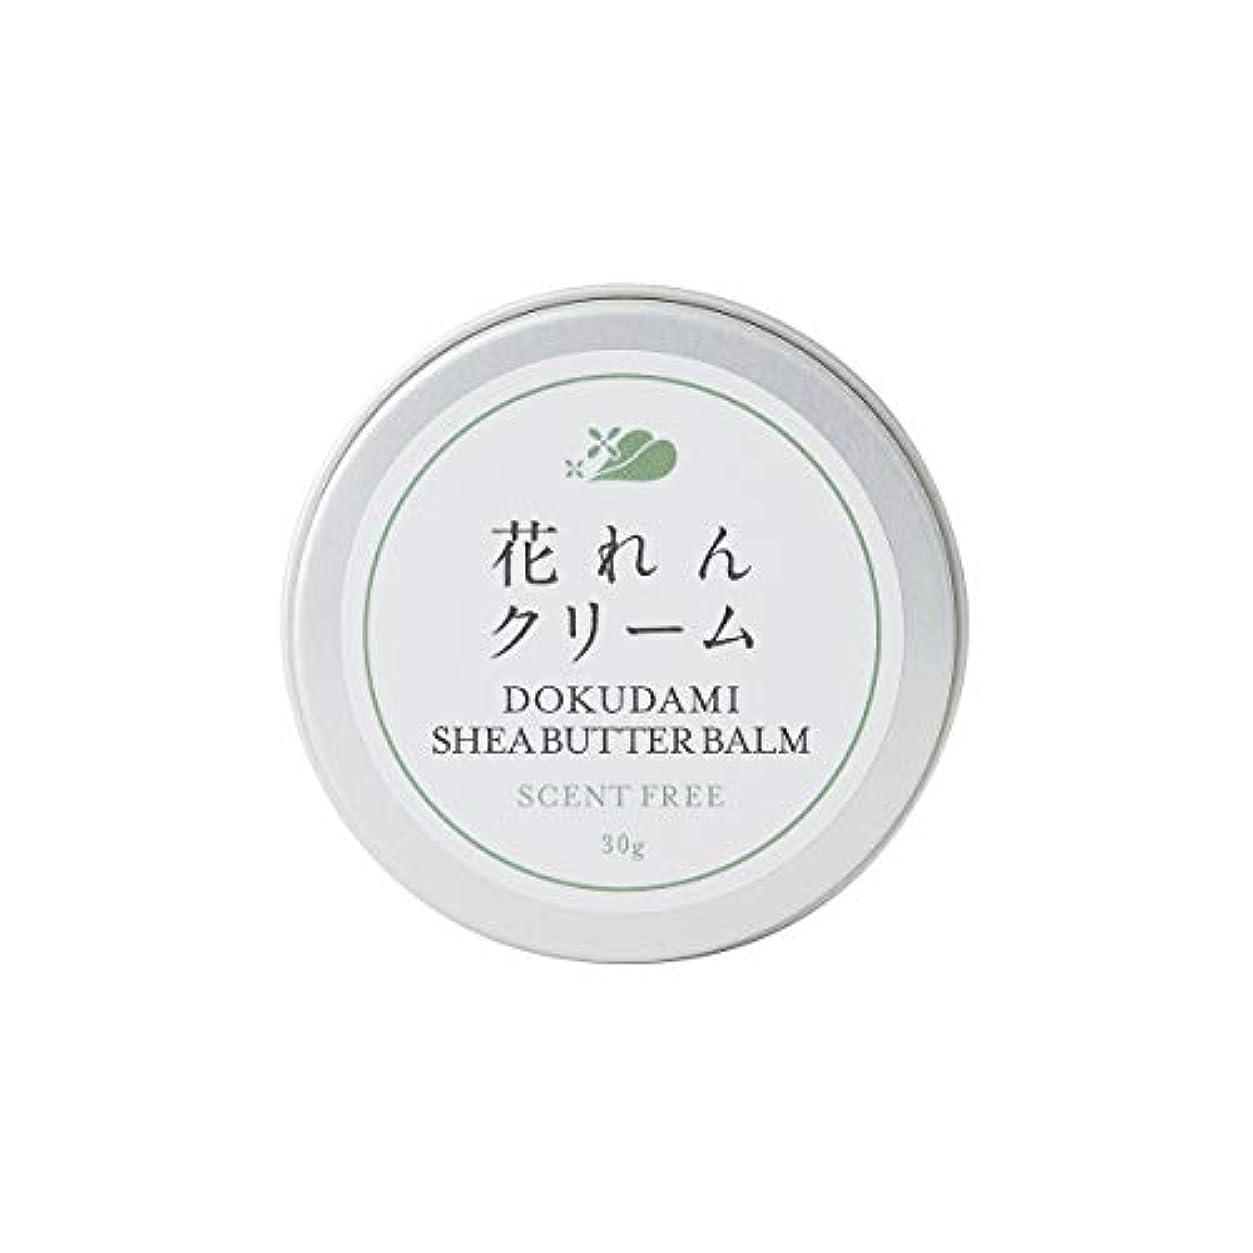 透明に未満はっきりしない友絵工房 どくだみシアバタークリーム(無香料) 30g